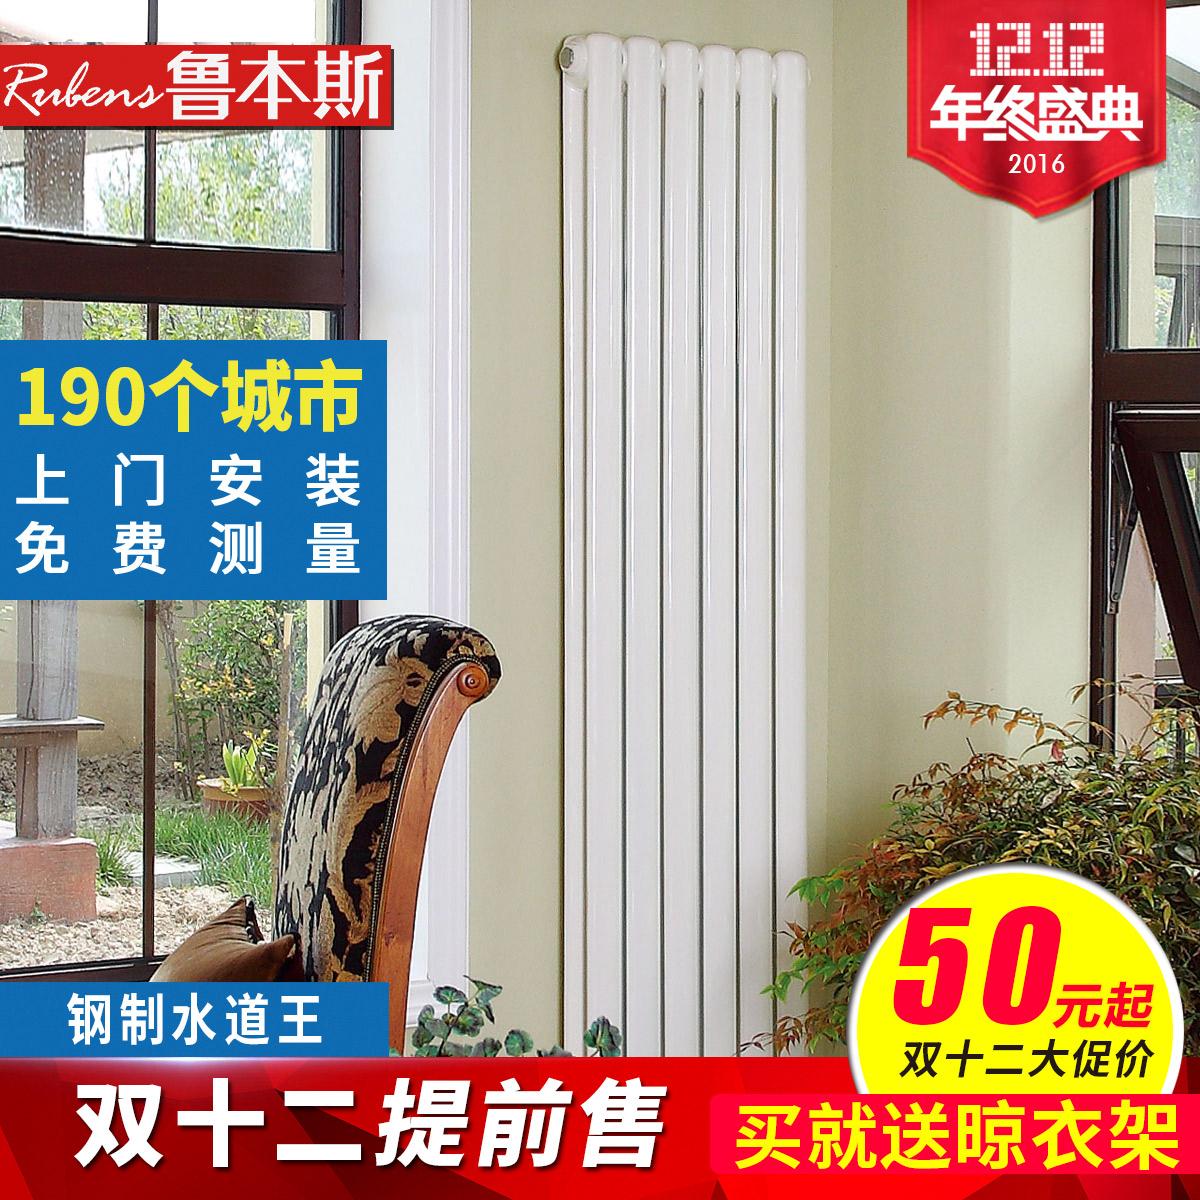 魯本斯鋼製暖氣片水暖壁掛式家用散熱器換熱器過水熱定製采暖3060